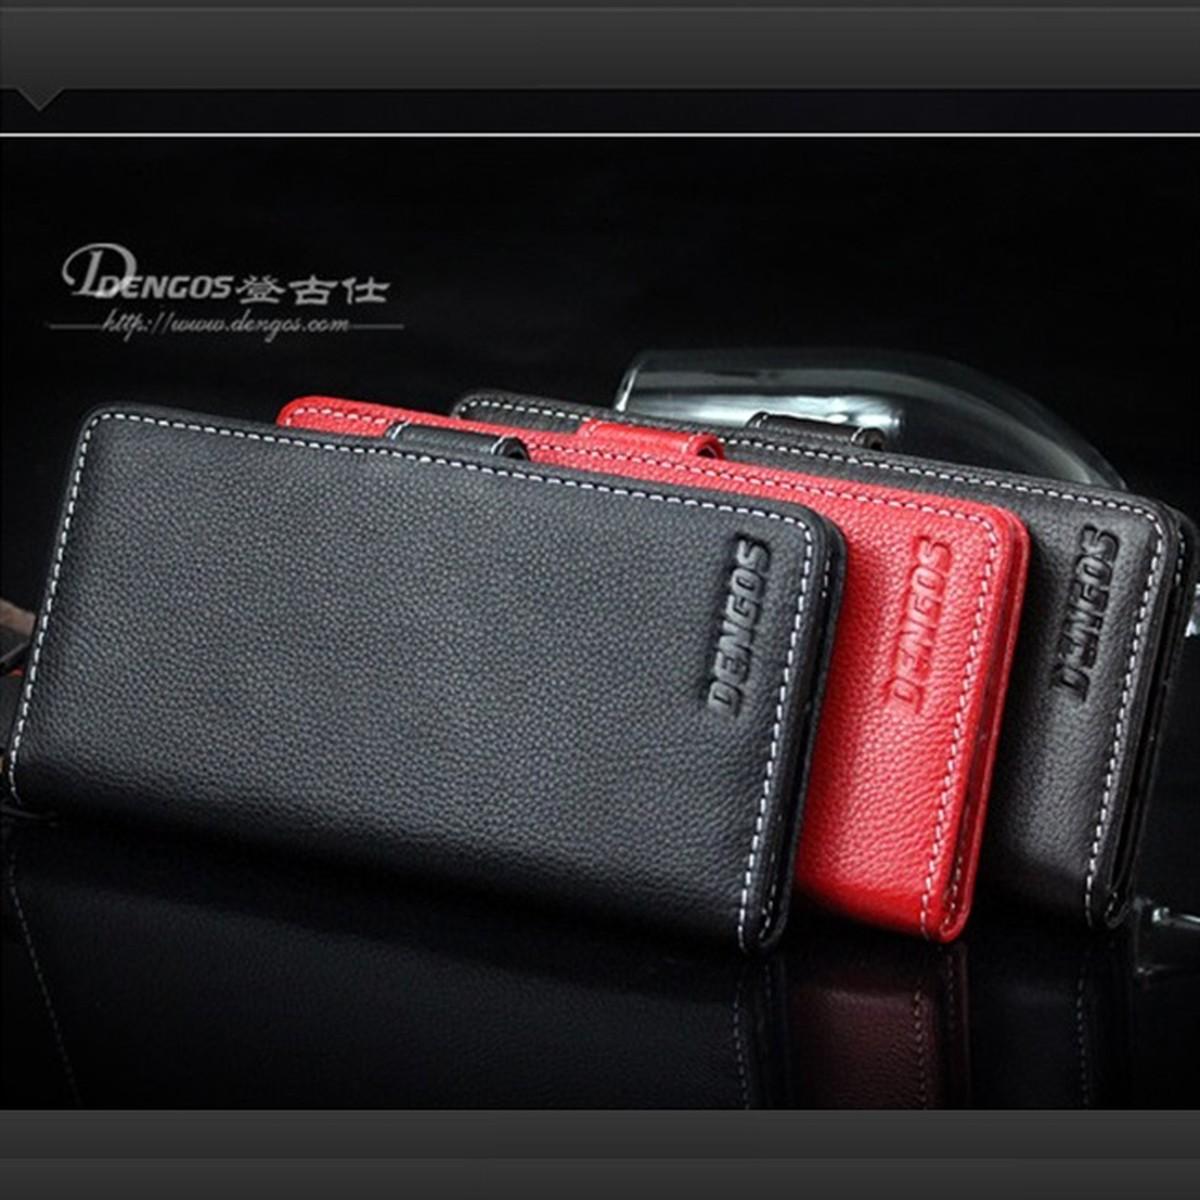 ゆうパケット メール便 送料200円 Galaxy Note4 SC-05F 高級本革 赤色 濃い茶 カバー お得なキャンペーンを実施中 黒色 牛革 本革ケースA スマートフォンケース 割引も実施中